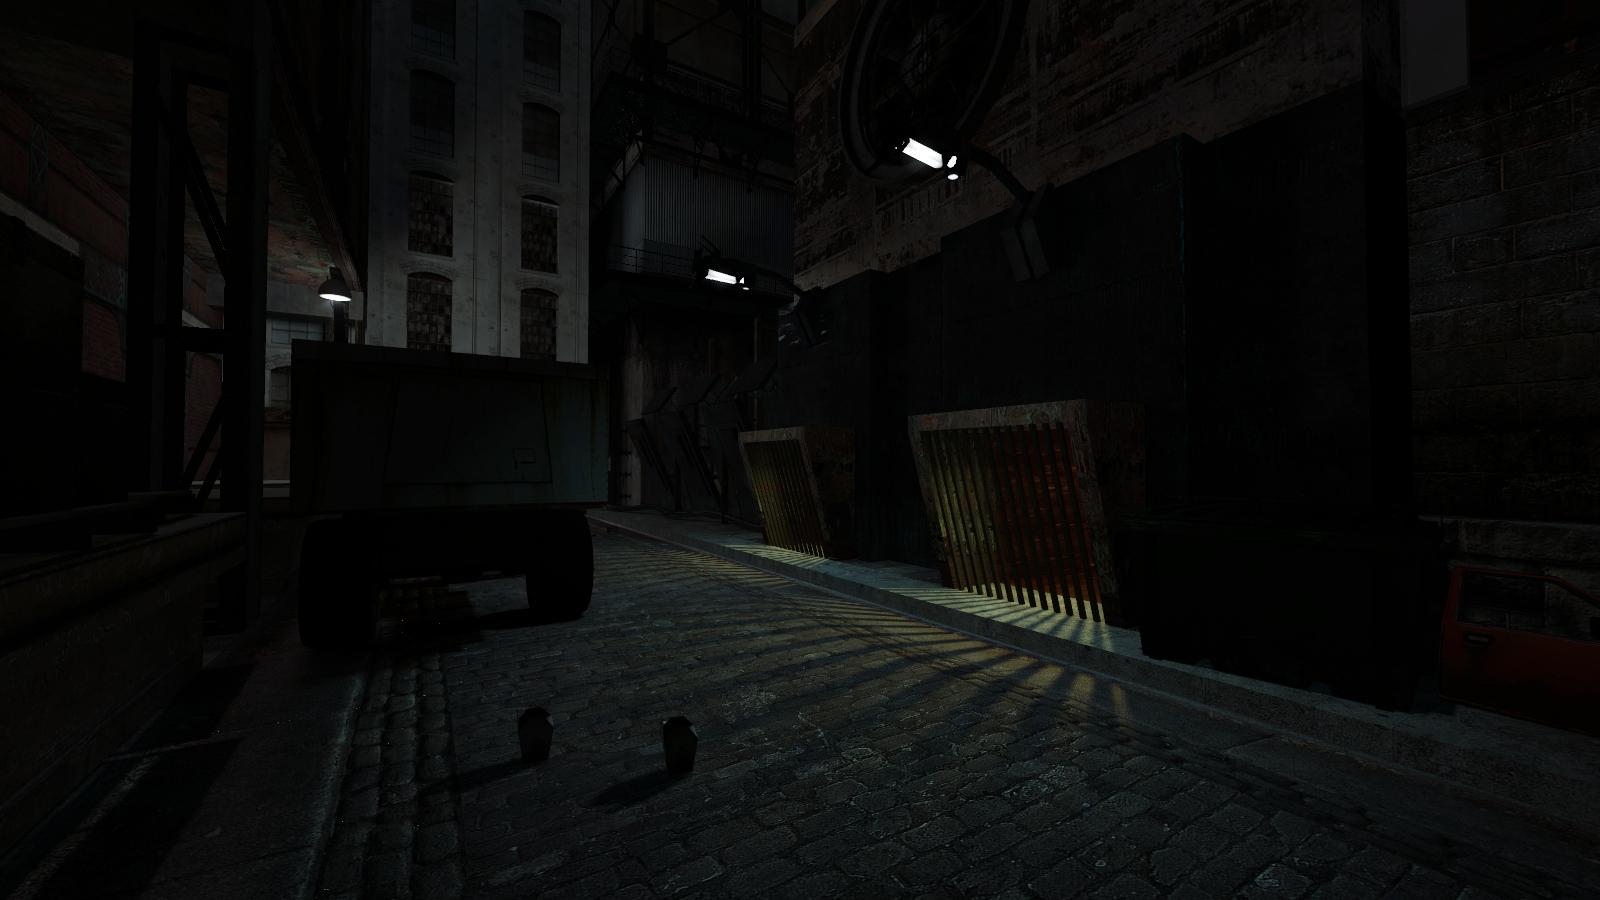 Графон теней в Source. До сих пор отлично даже для 2013-го. - Half-Life 2 Dark_Interval_Mod